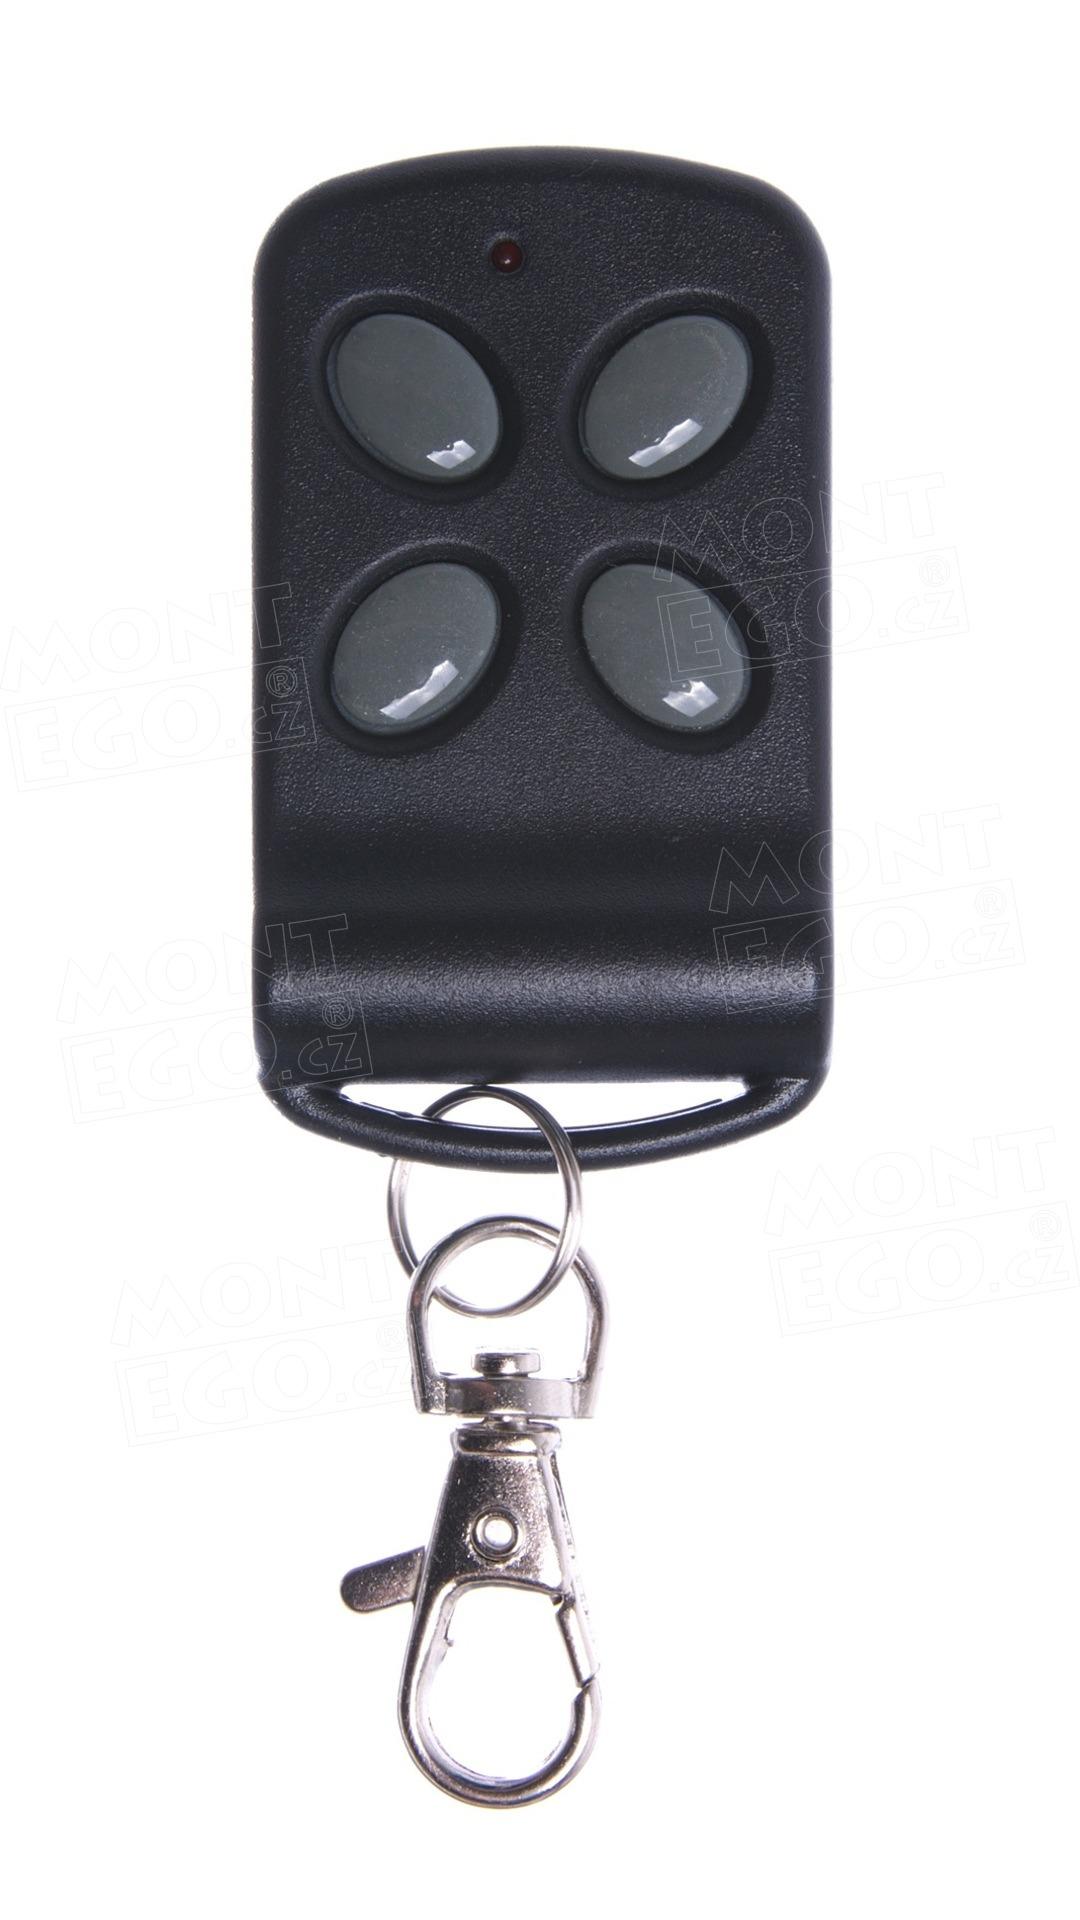 Dálkový ovladač Wisniowski MIDO AW 4M433